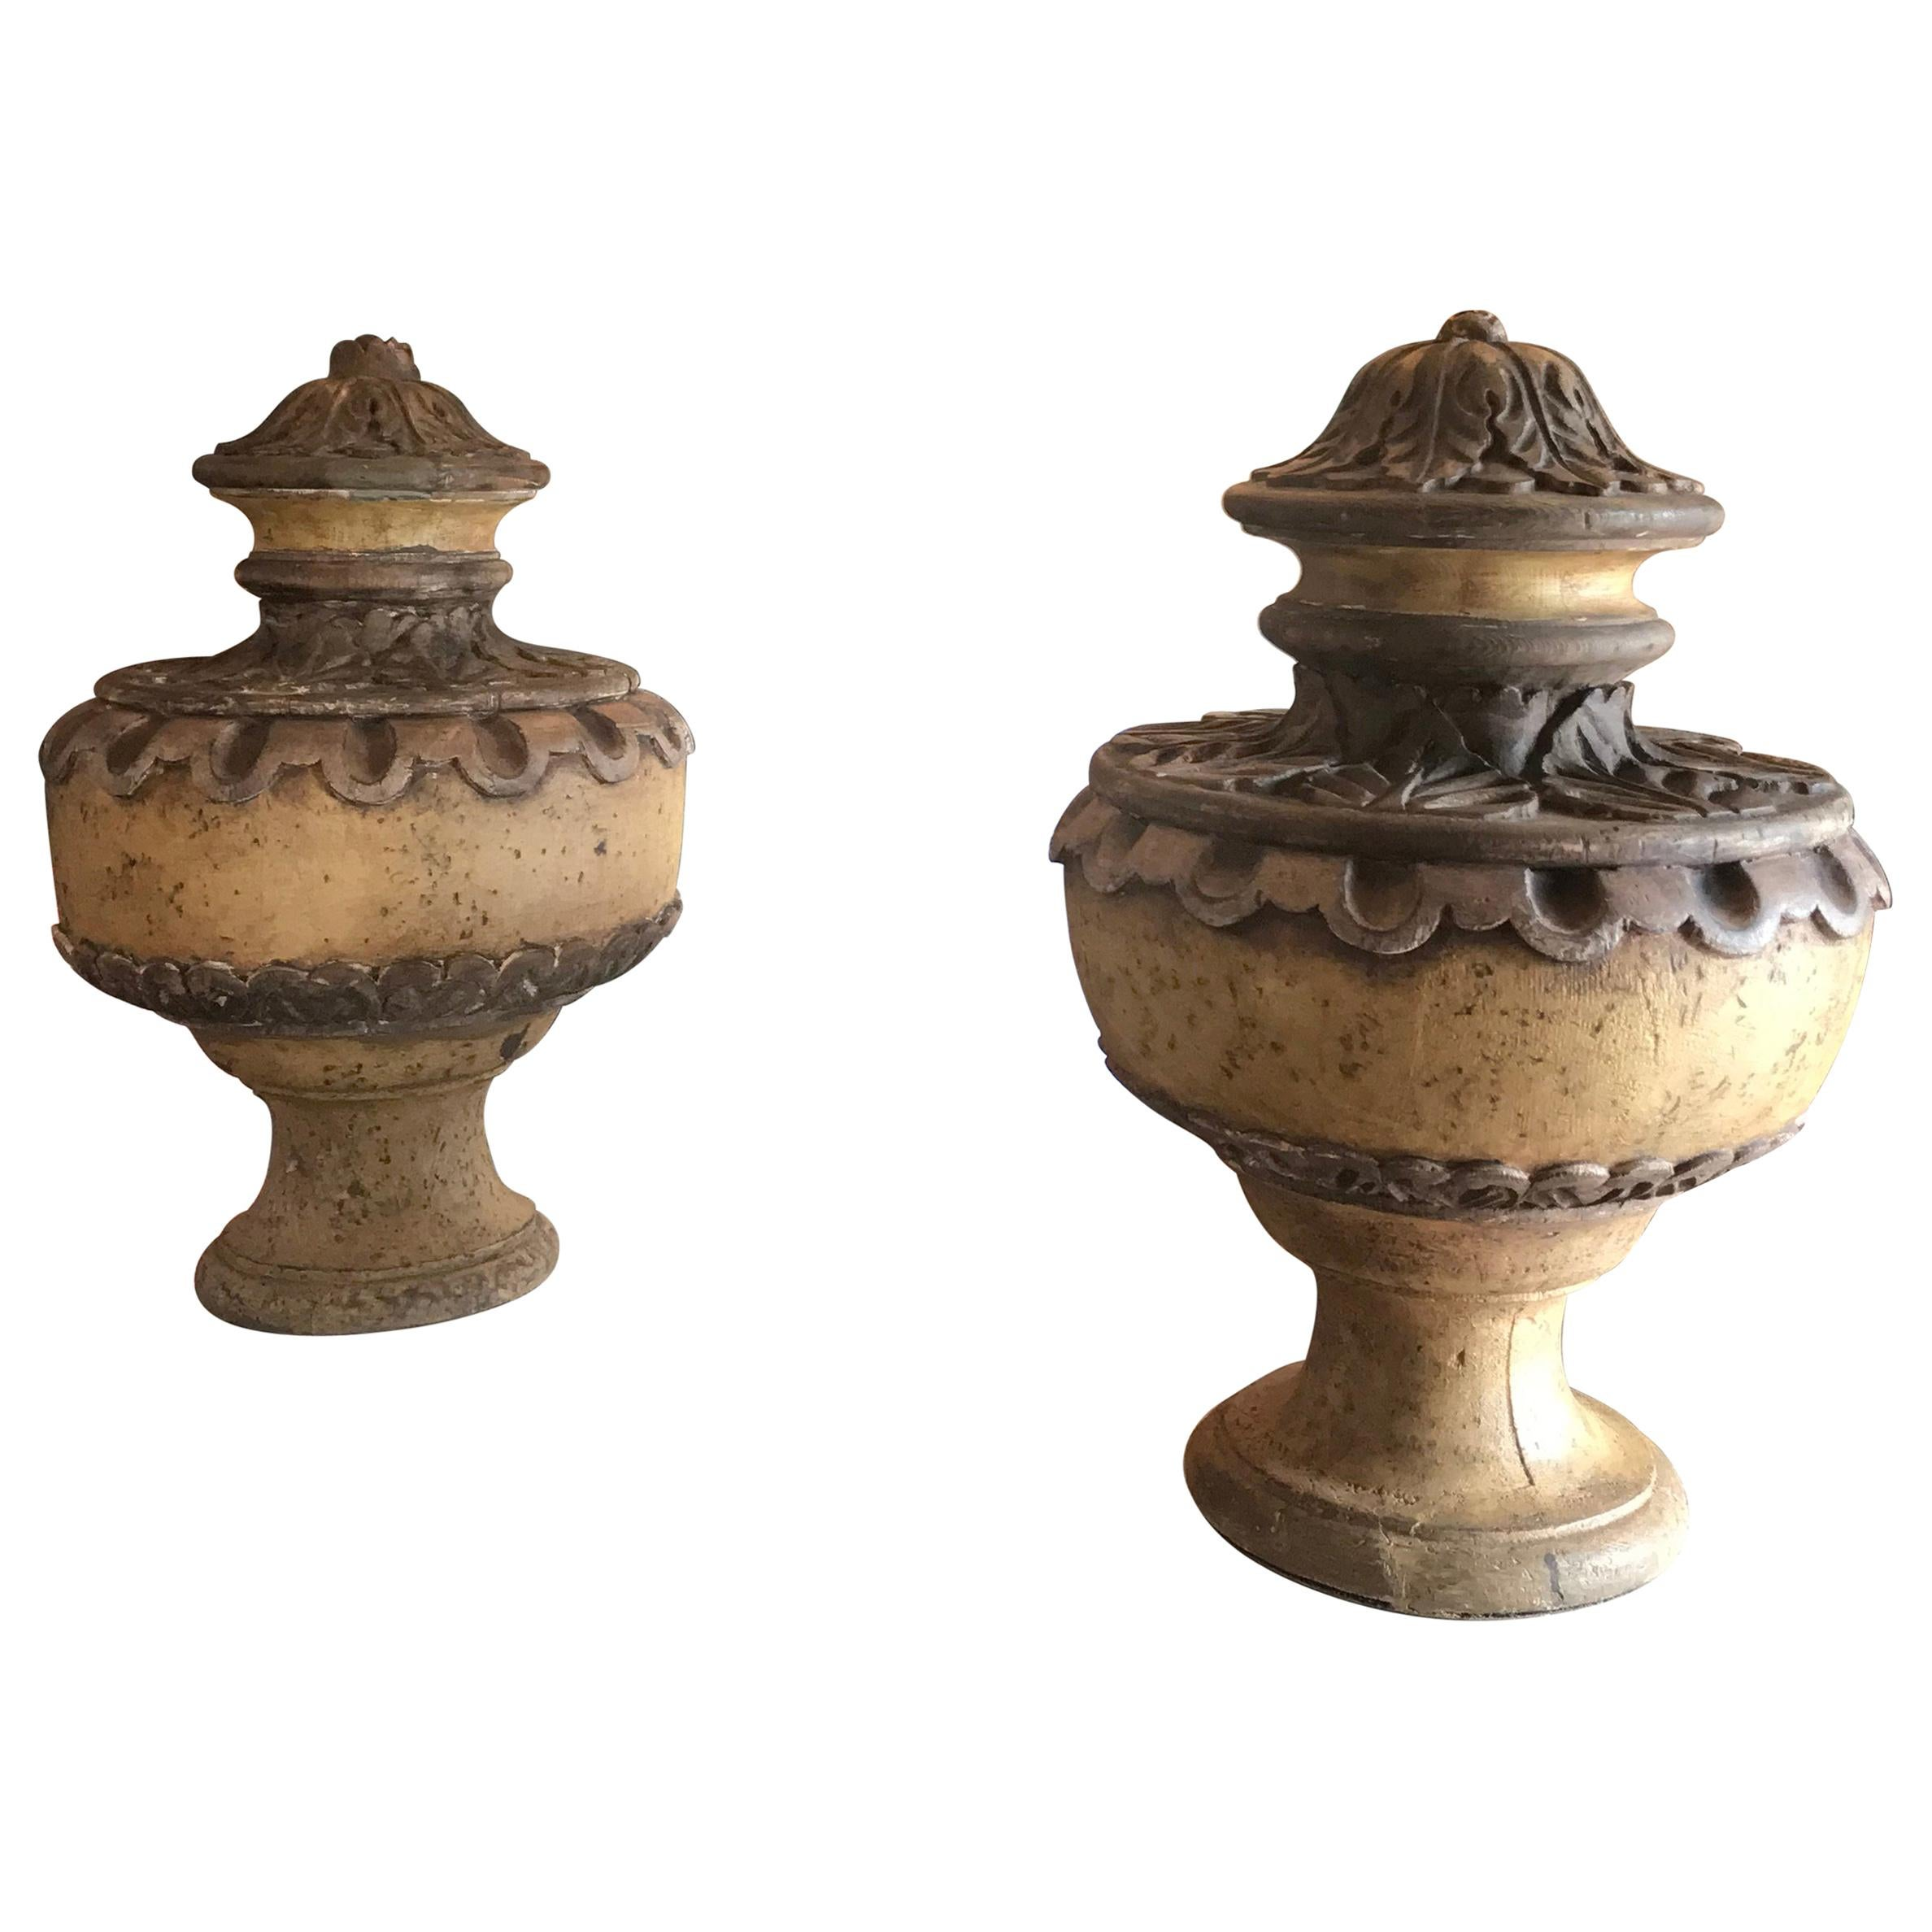 Pair Hand Carved Wood Finials Vase shape center pieces Decorative Antiques LA CA